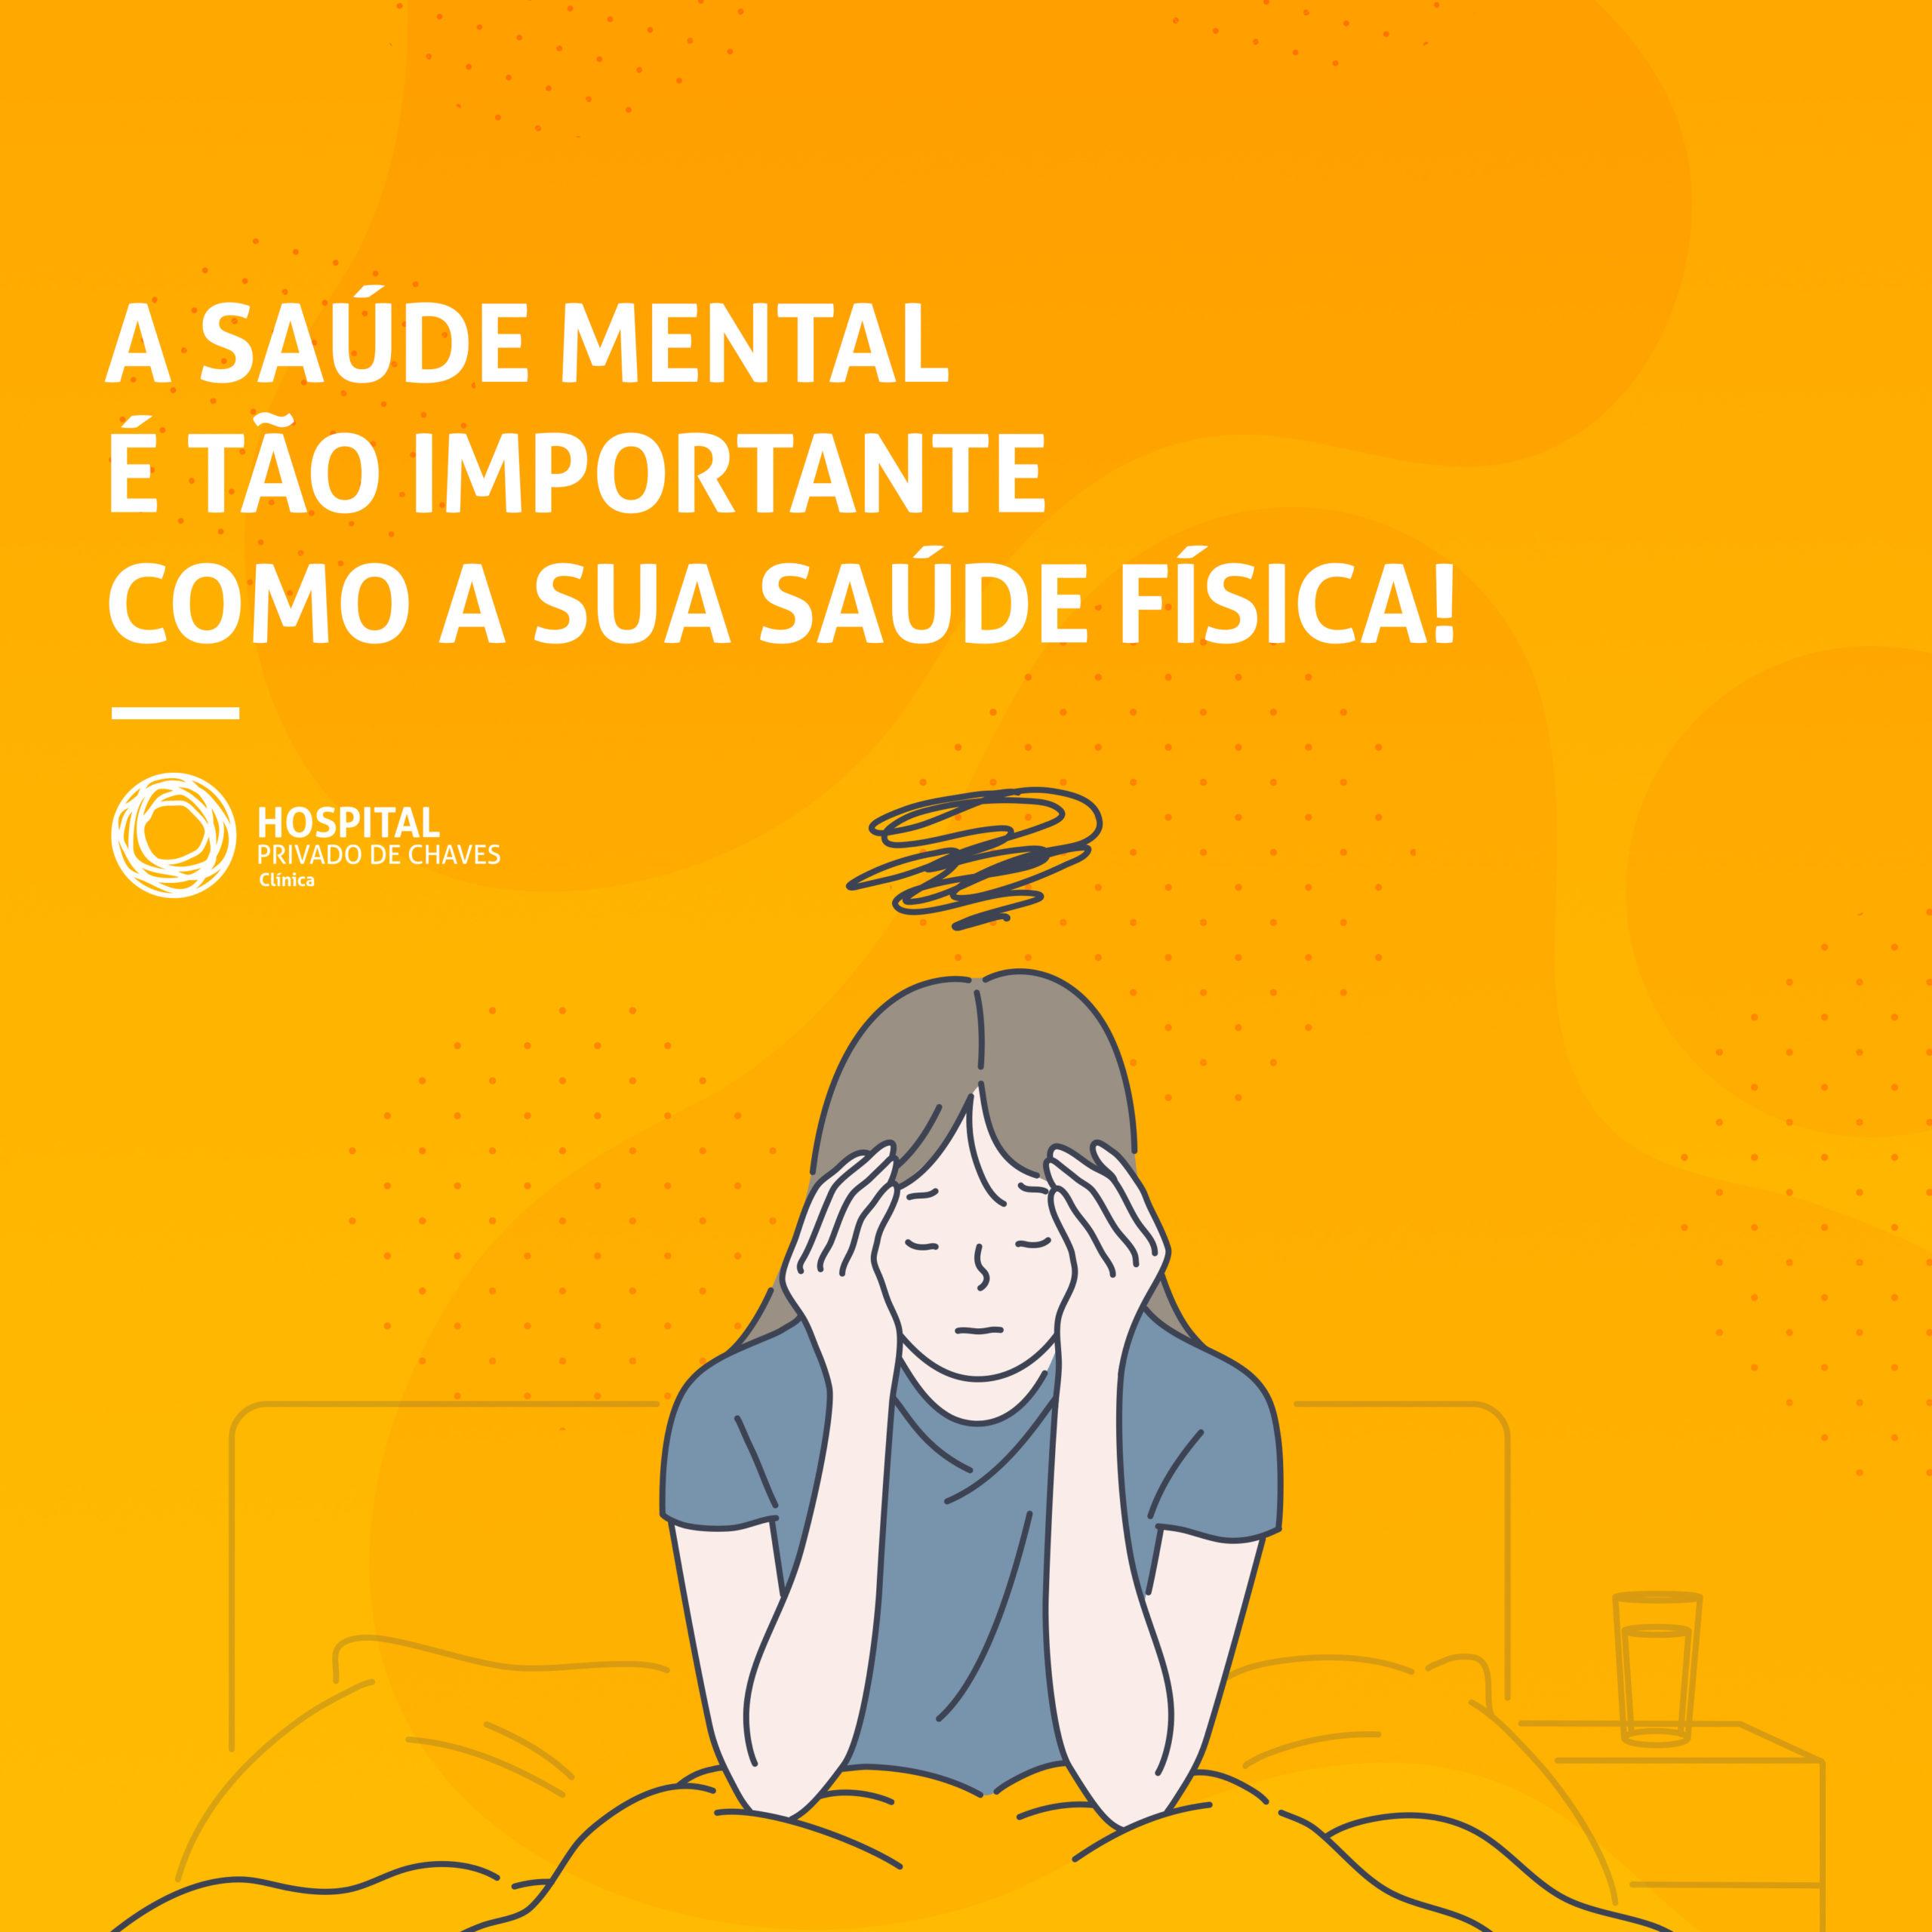 A saúde mental é tão importante como a sua saúde física